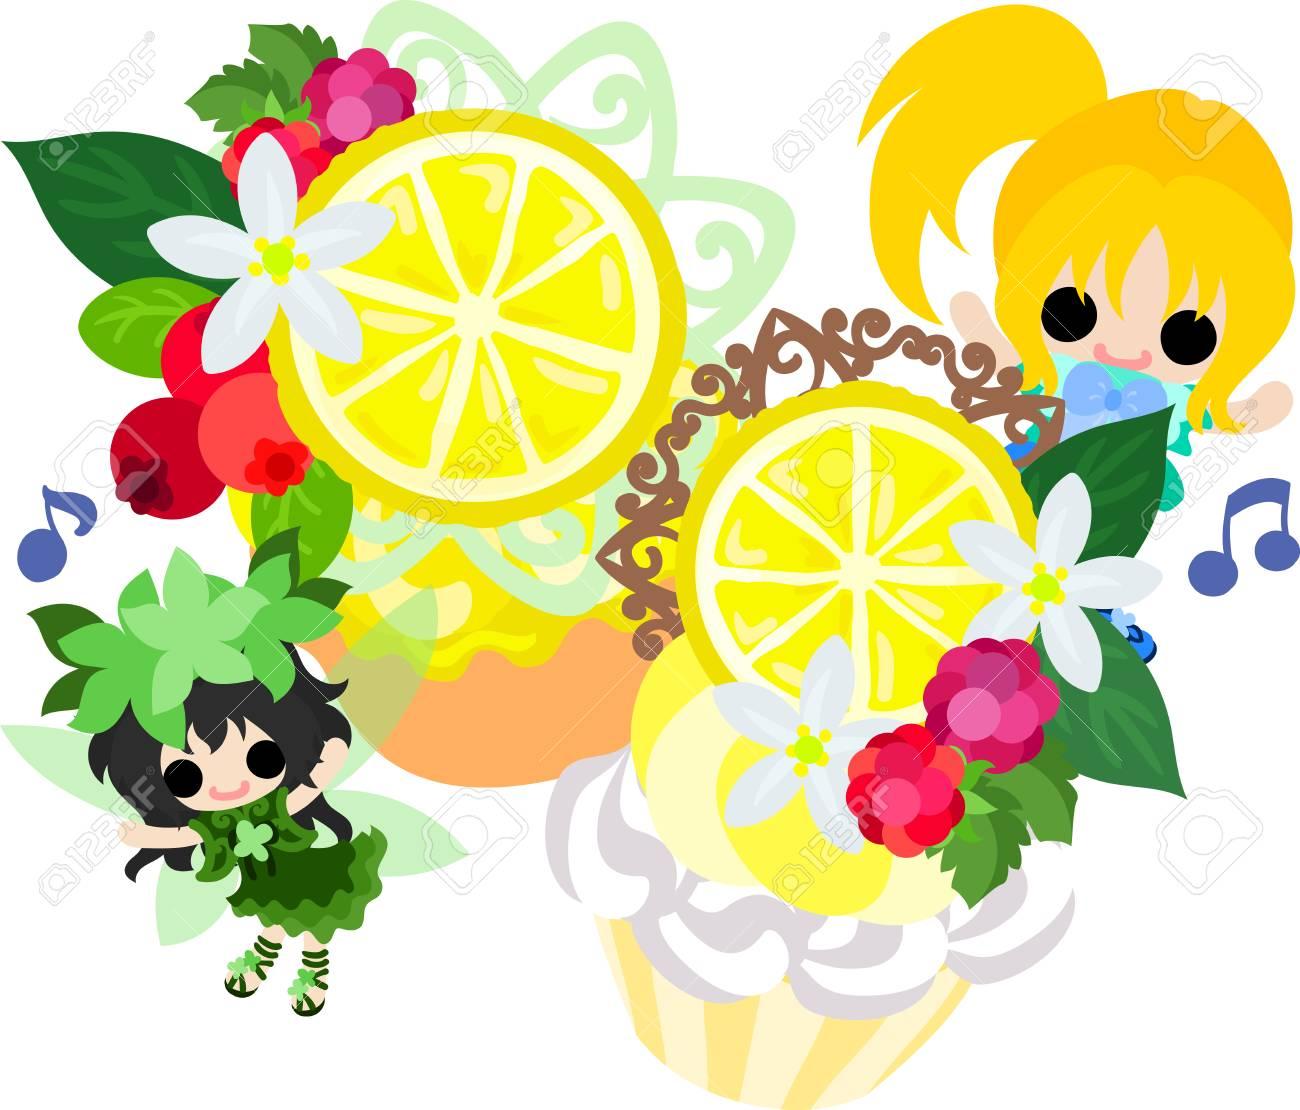 かわいい女の子とかわいい妖精とレモンのお菓子のイラストのイラスト素材 ベクタ Image